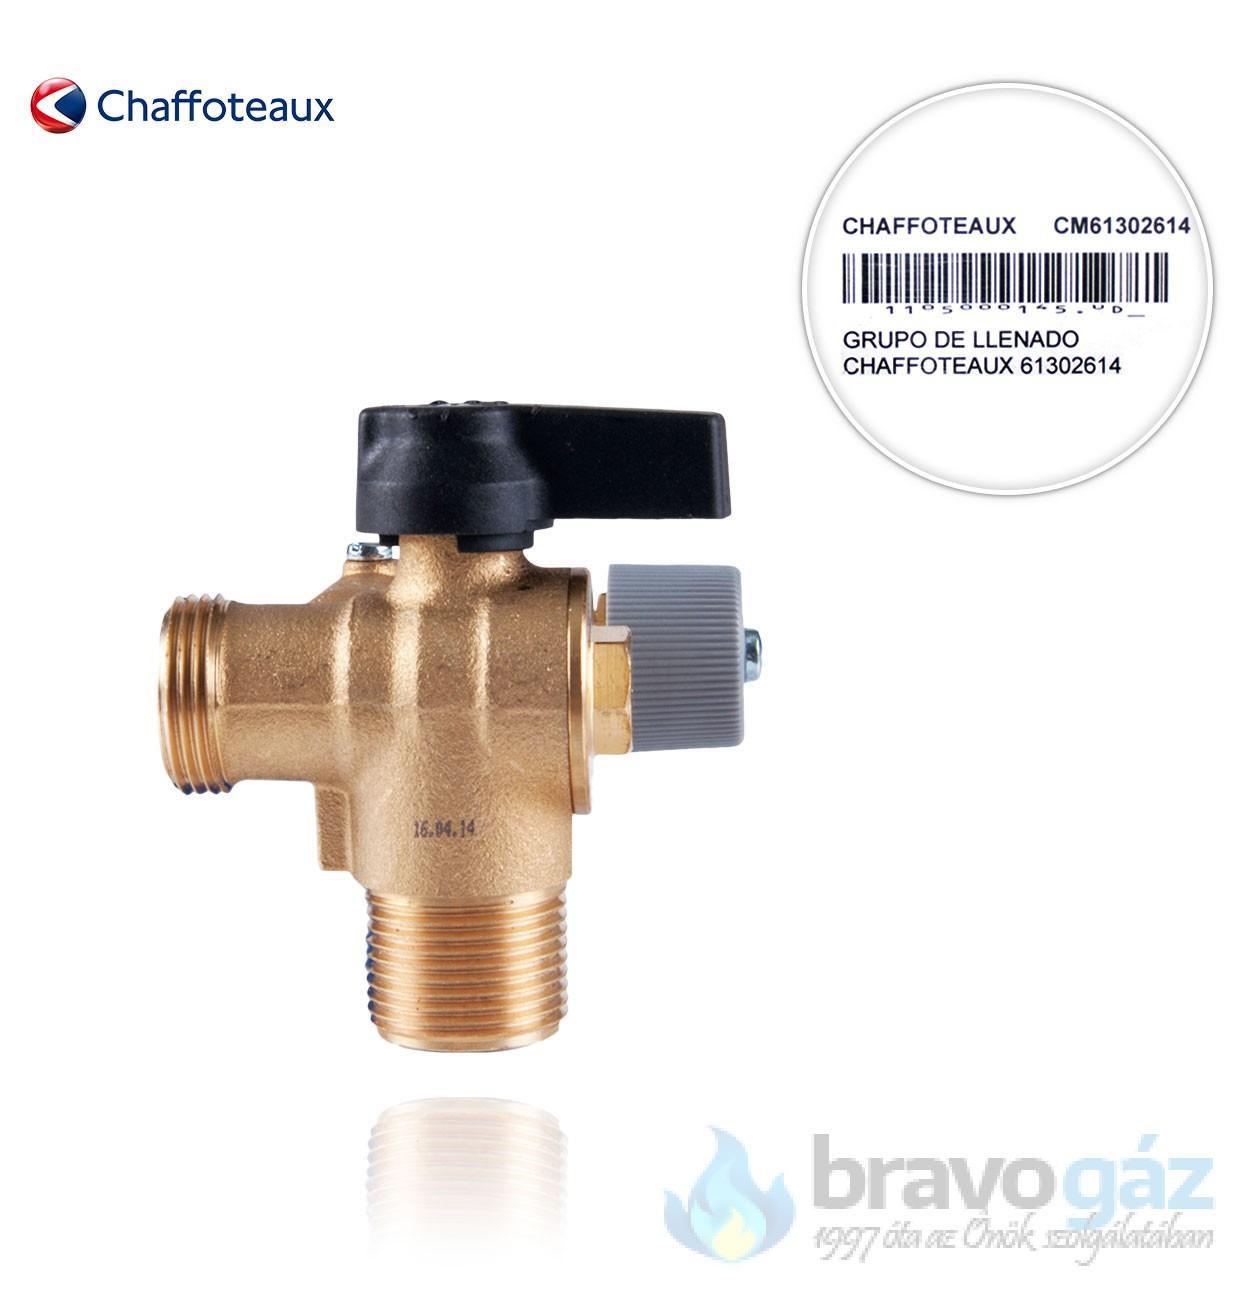 Chaffoteaux feltöltőcsap - 61302614